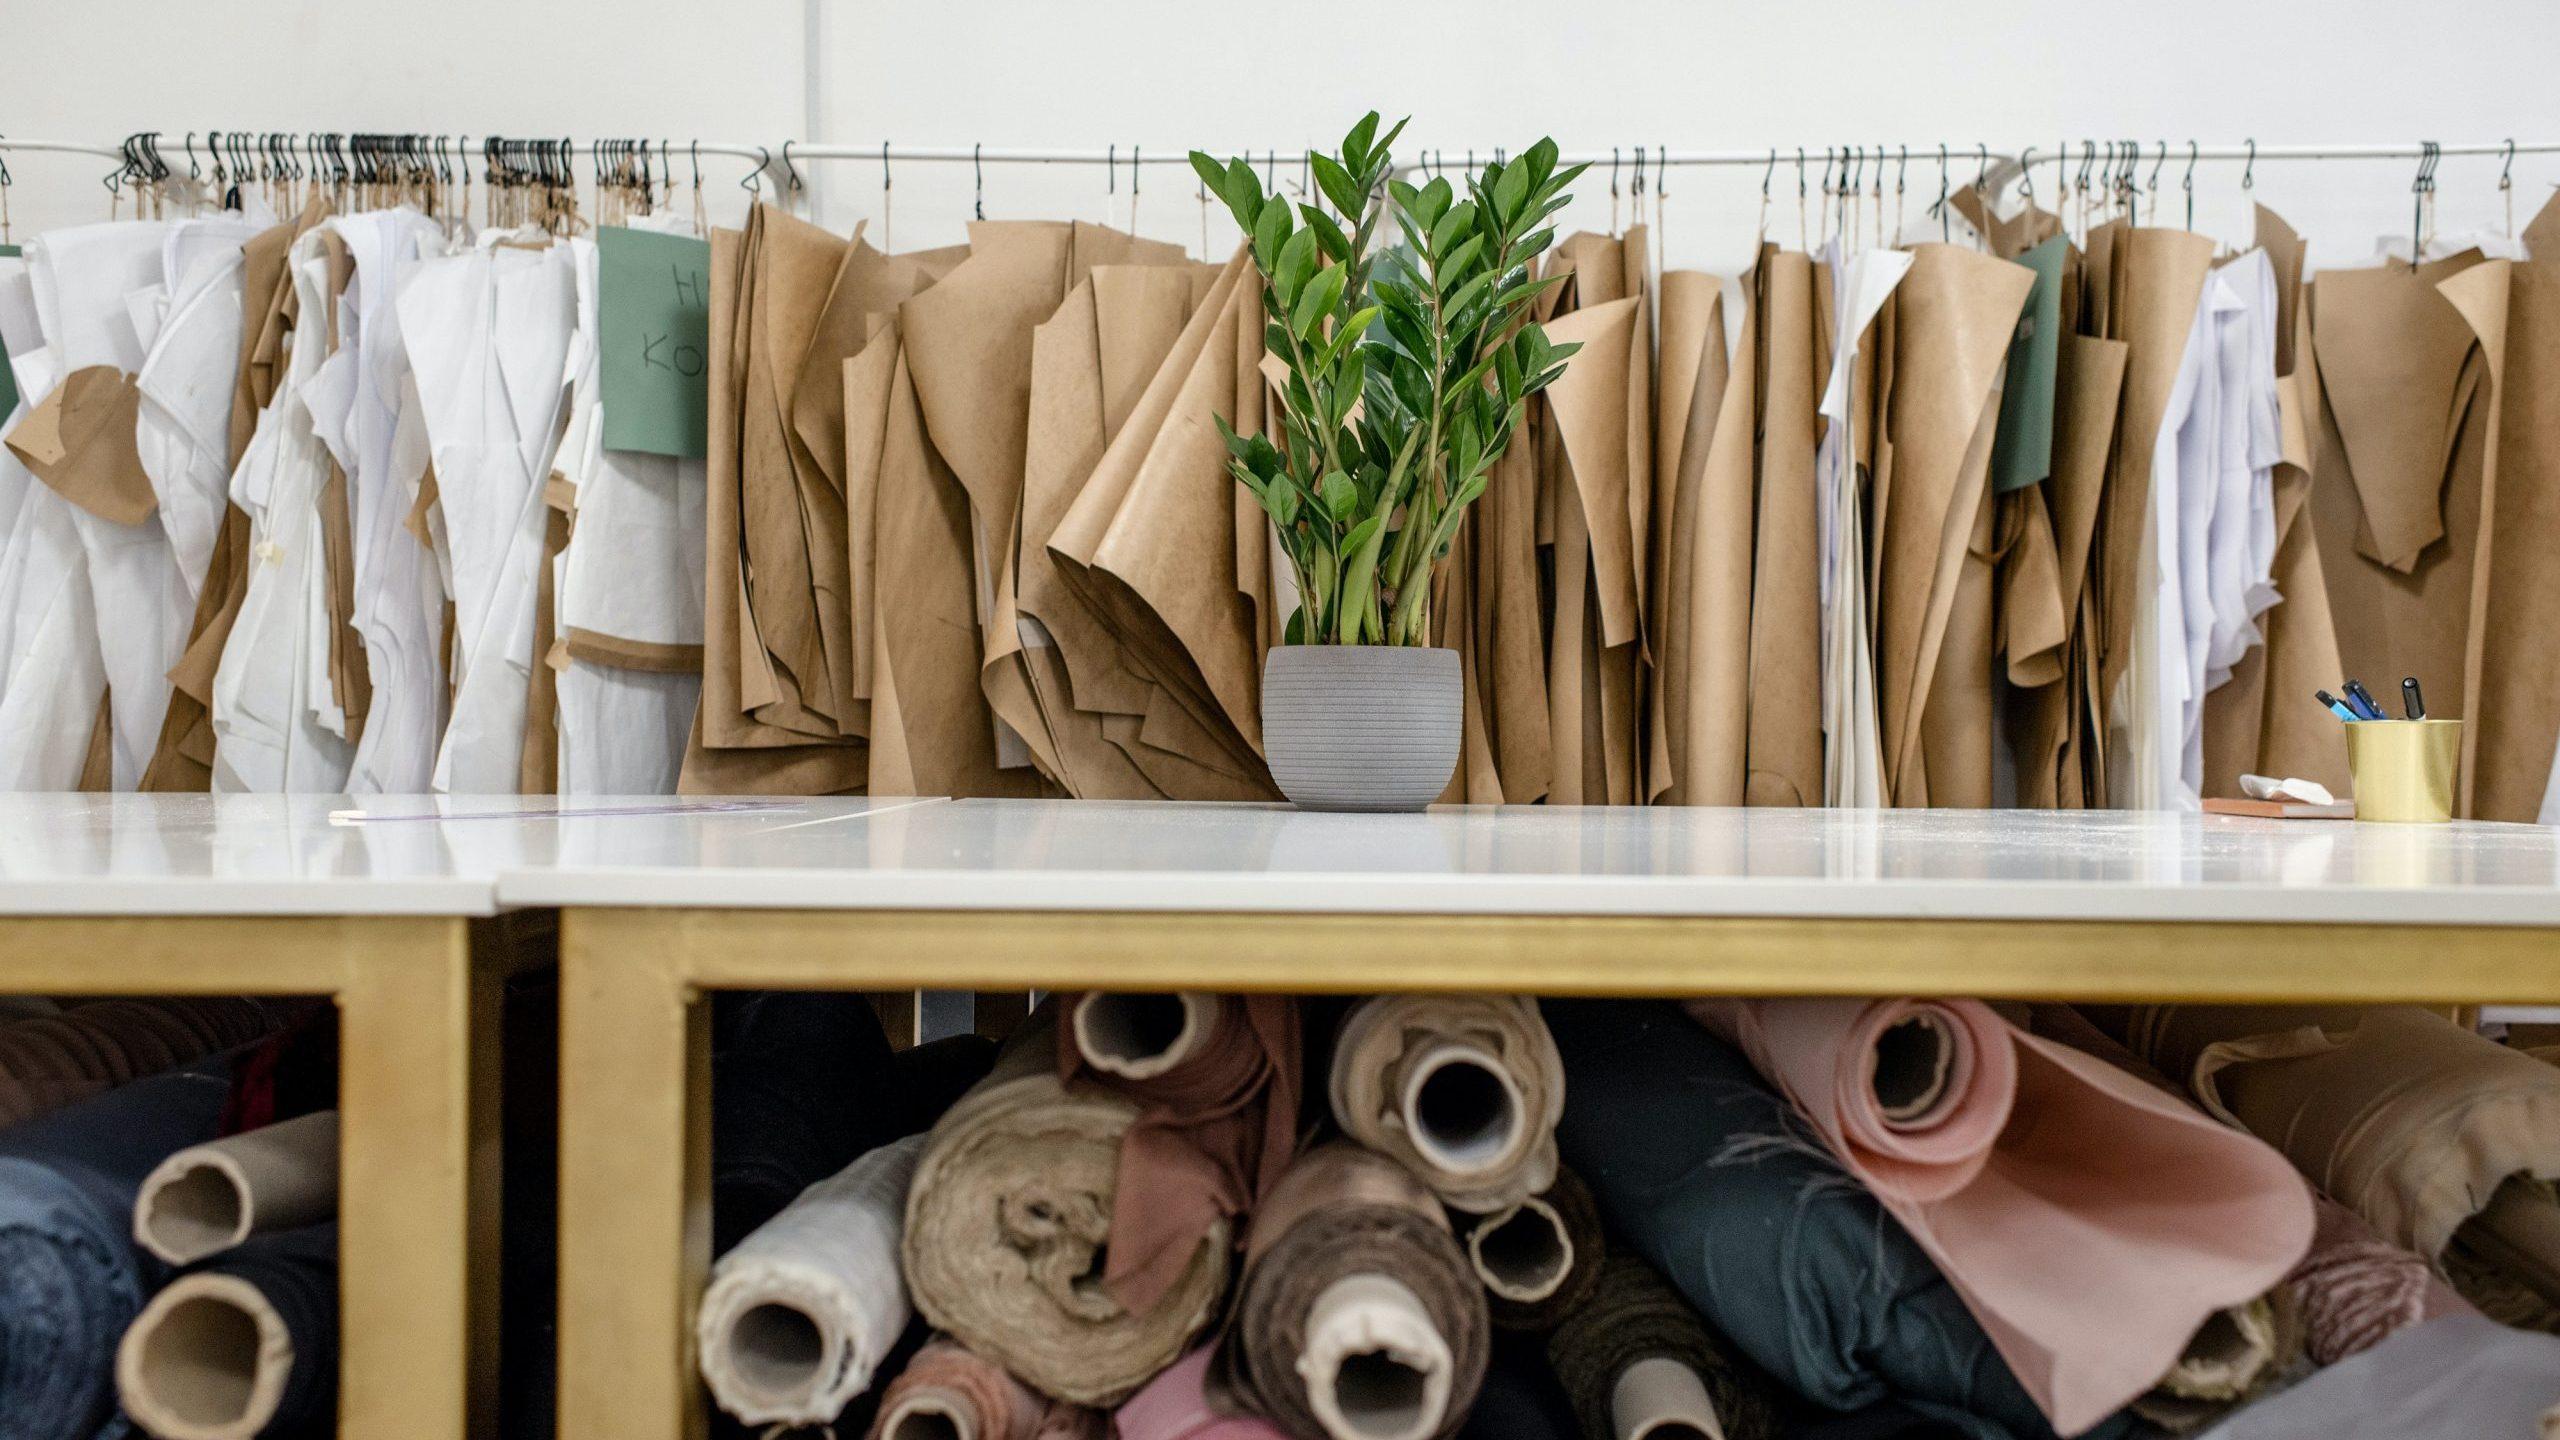 nouveaux textiles pour la mode durable